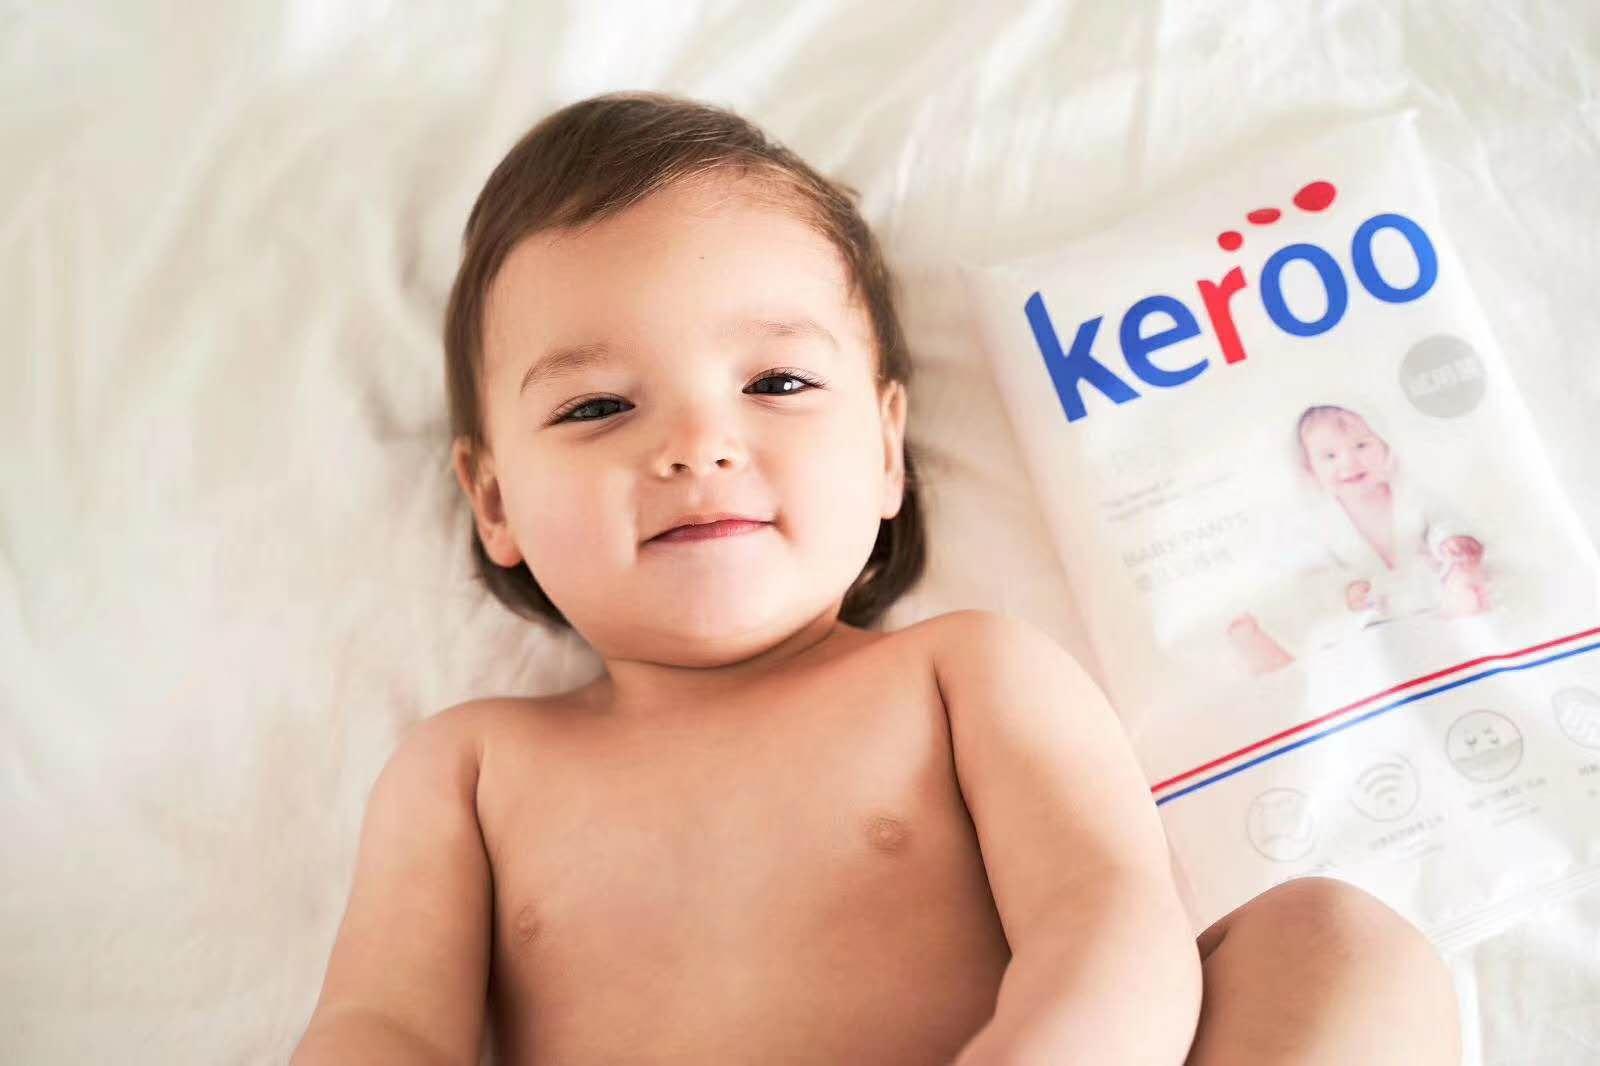 Keroo创始人唐丽青:谈挑选秋冬季纸尿裤的正确打开方式